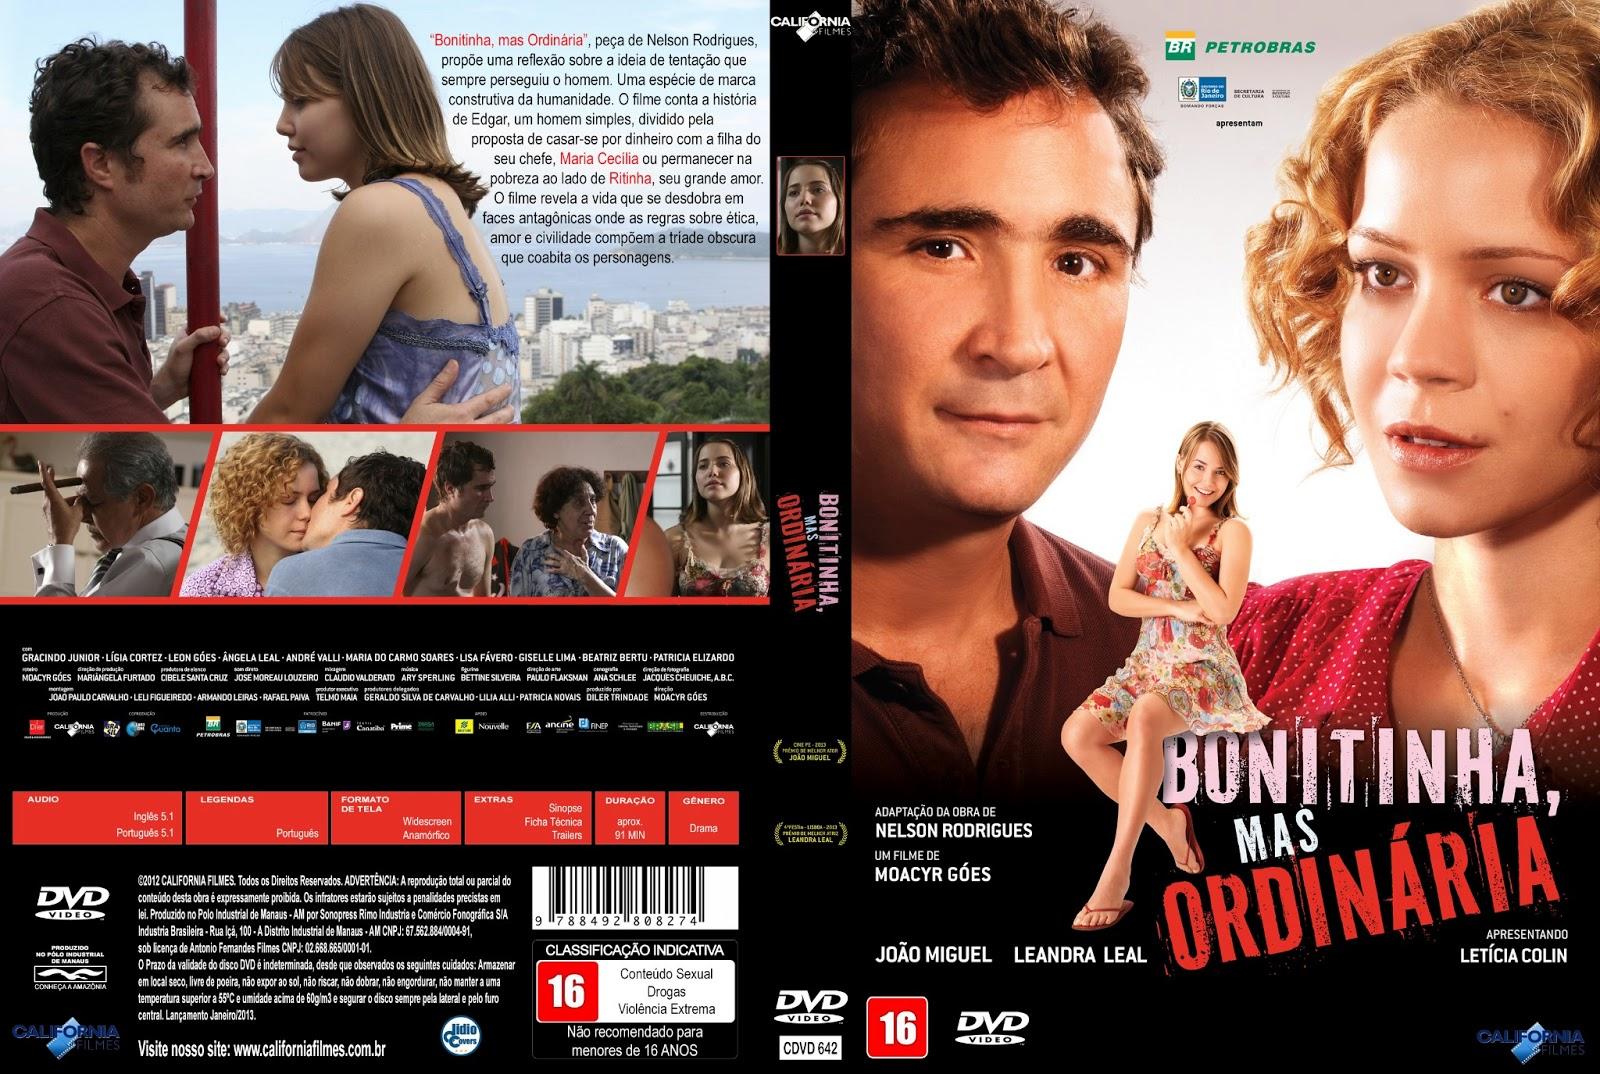 MAS ORDINARIA RMVB FILME BONITINHA BAIXAR